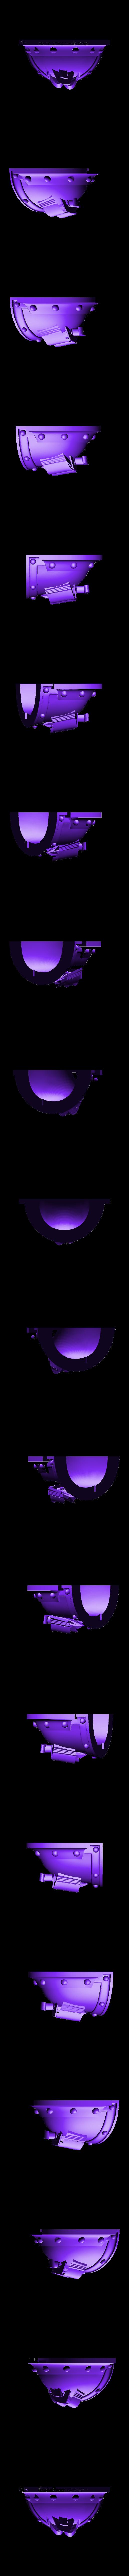 Shoulder 9.stl Télécharger fichier STL gratuit L'équipe des Chevaliers gris Primaris • Modèle pour imprimante 3D, joeldawson93